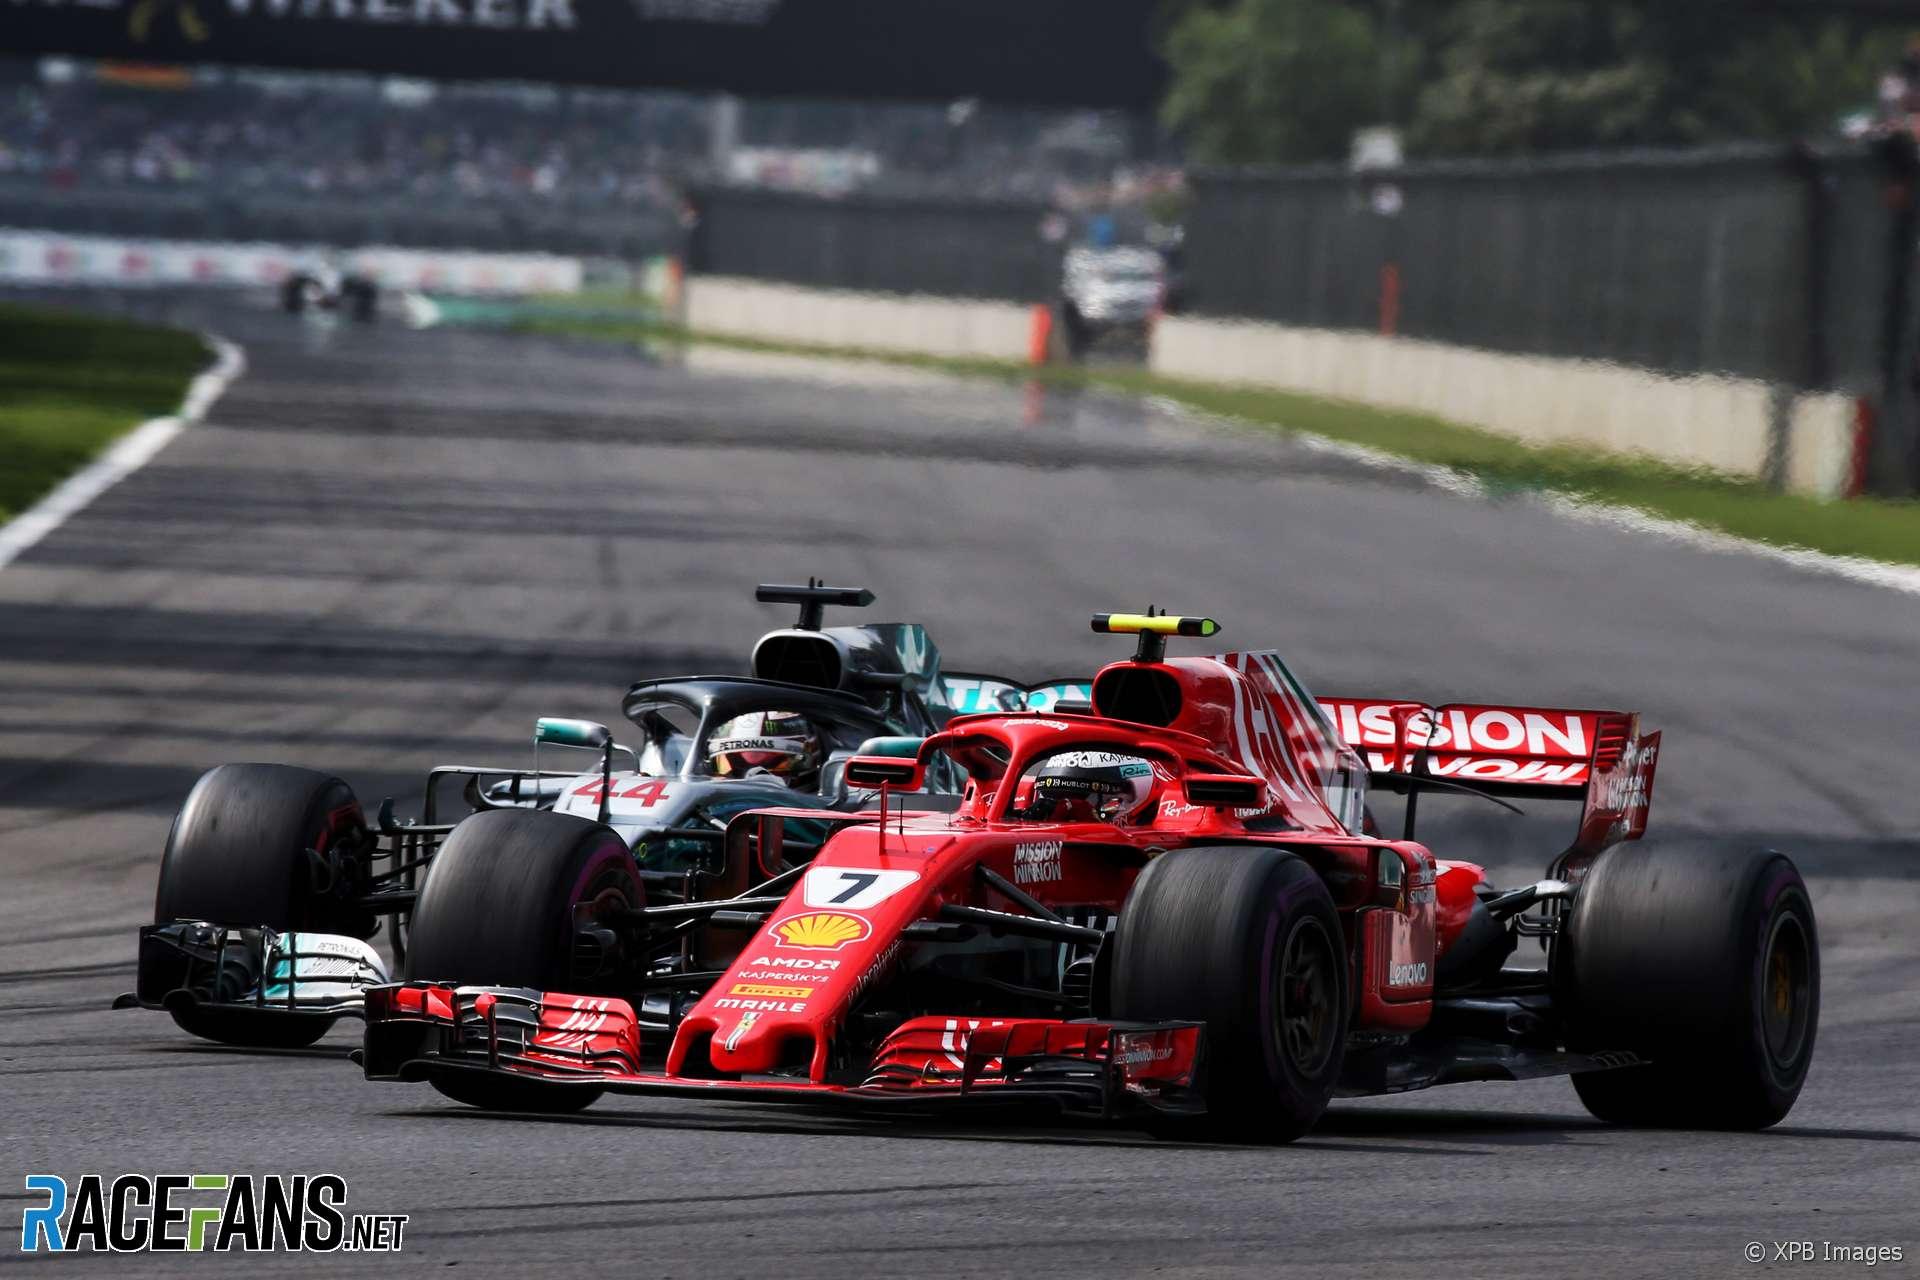 Kimi Raikkonen, Ferrari, Autodromo Hermanos Rodriguez, 2018